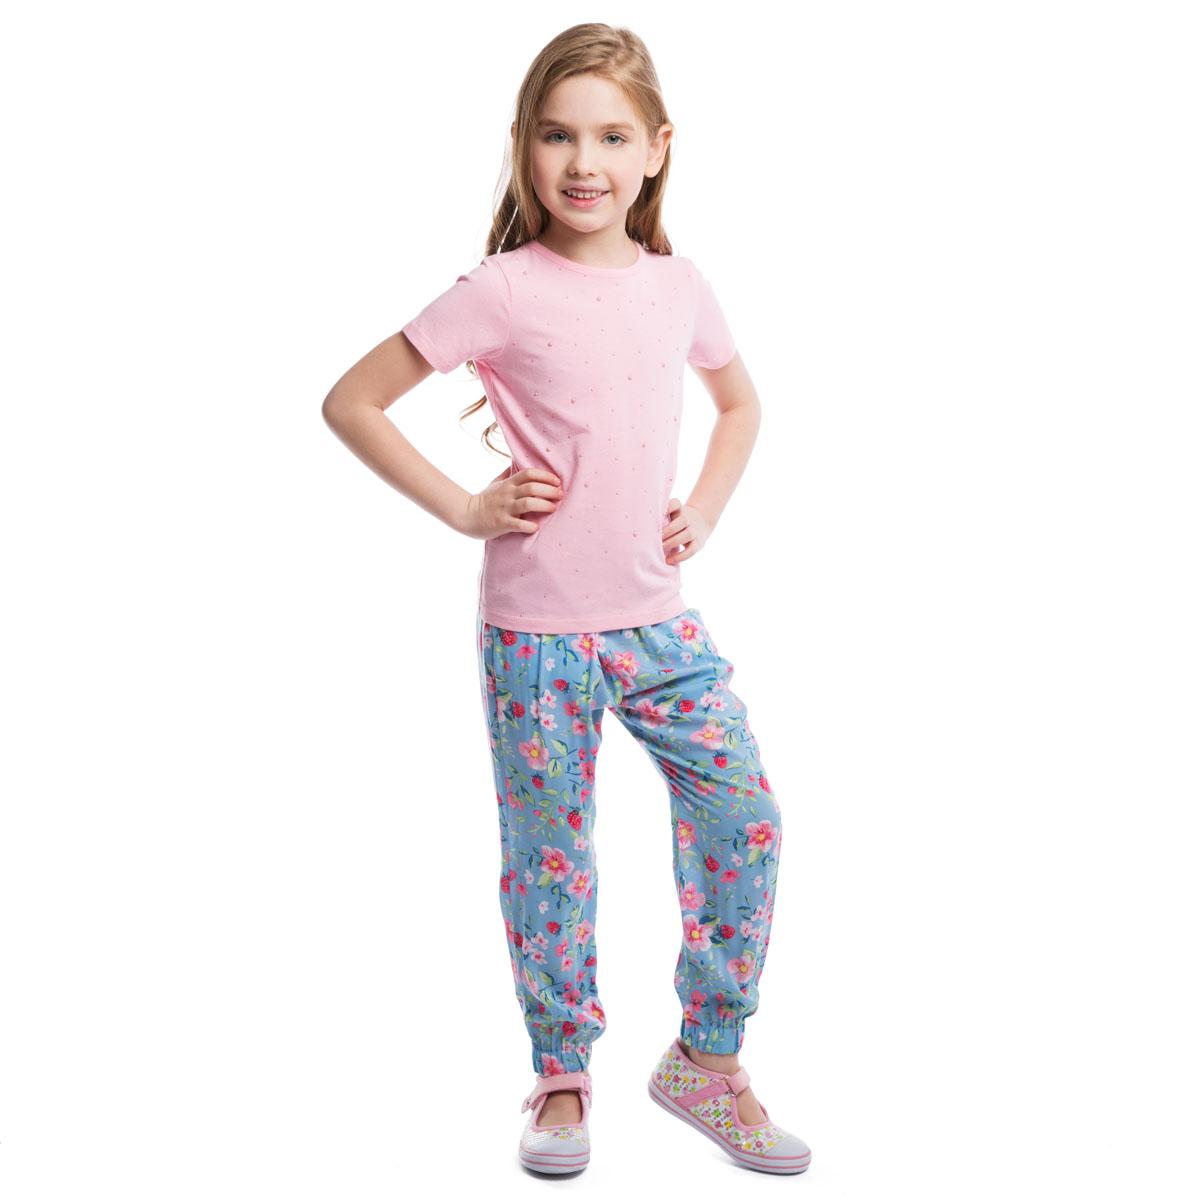 Футболка262009Стильная футболка для девочки PlayToday идеально подойдет вашей дочурке. Изготовленная из эластичного хлопка, она мягкая и приятная на ощупь, не сковывает движения и позволяет коже дышать, не раздражает даже самую нежную и чувствительную кожу ребенка, обеспечивая наибольший комфорт. Футболка с короткими рукавами и круглым вырезом горловины оформлена спереди приклеенными круглыми элементами разного диаметра, выполненными из пластика. Горловина дополнена мягкой эластичной бейкой. Современный дизайн и модная расцветка делают эту футболку стильным предметом детского гардероба. В ней ваша дочурка будет чувствовать себя уютно и комфортно и всегда будет в центре внимания!